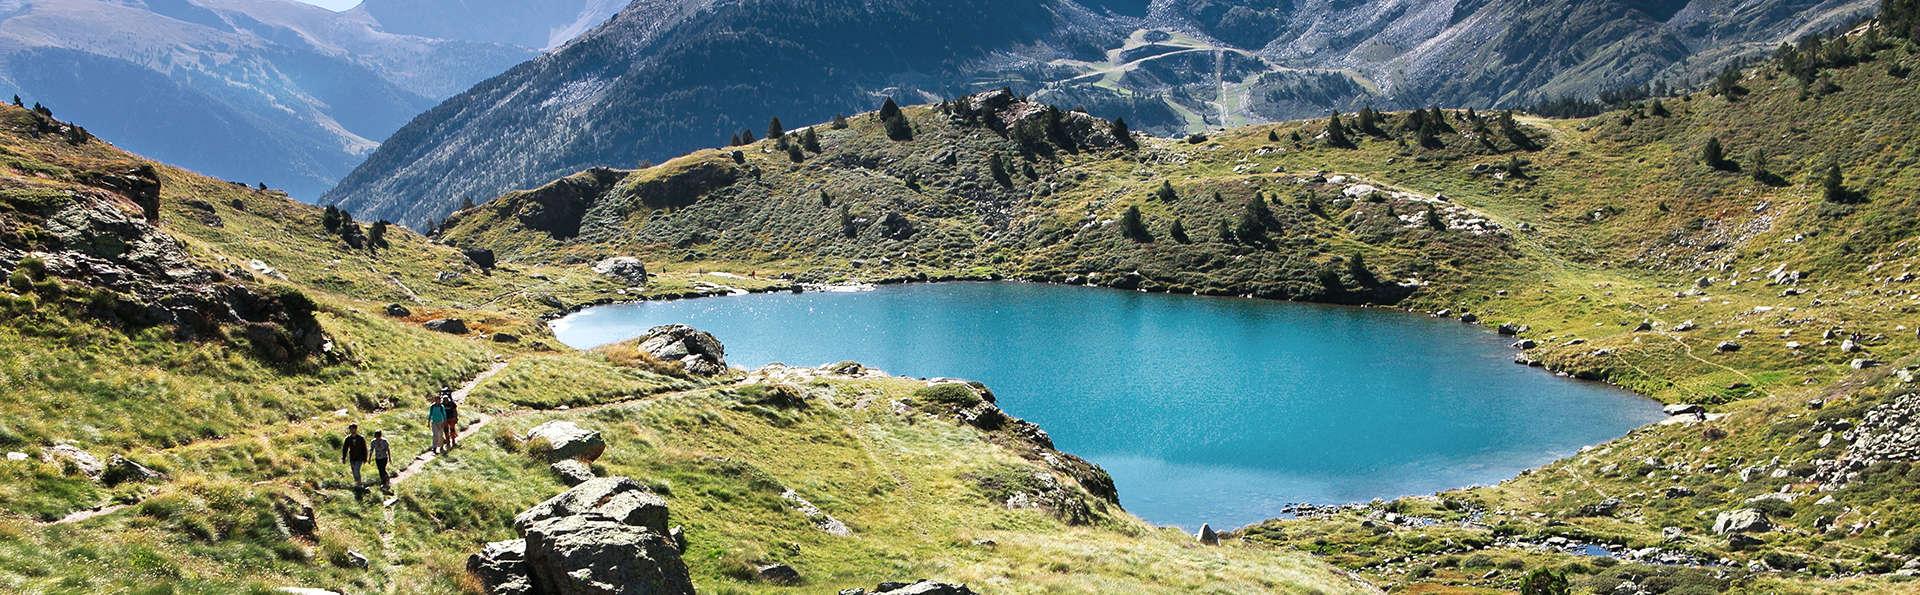 Profitez d'un week-end pour visiter l'Andorre